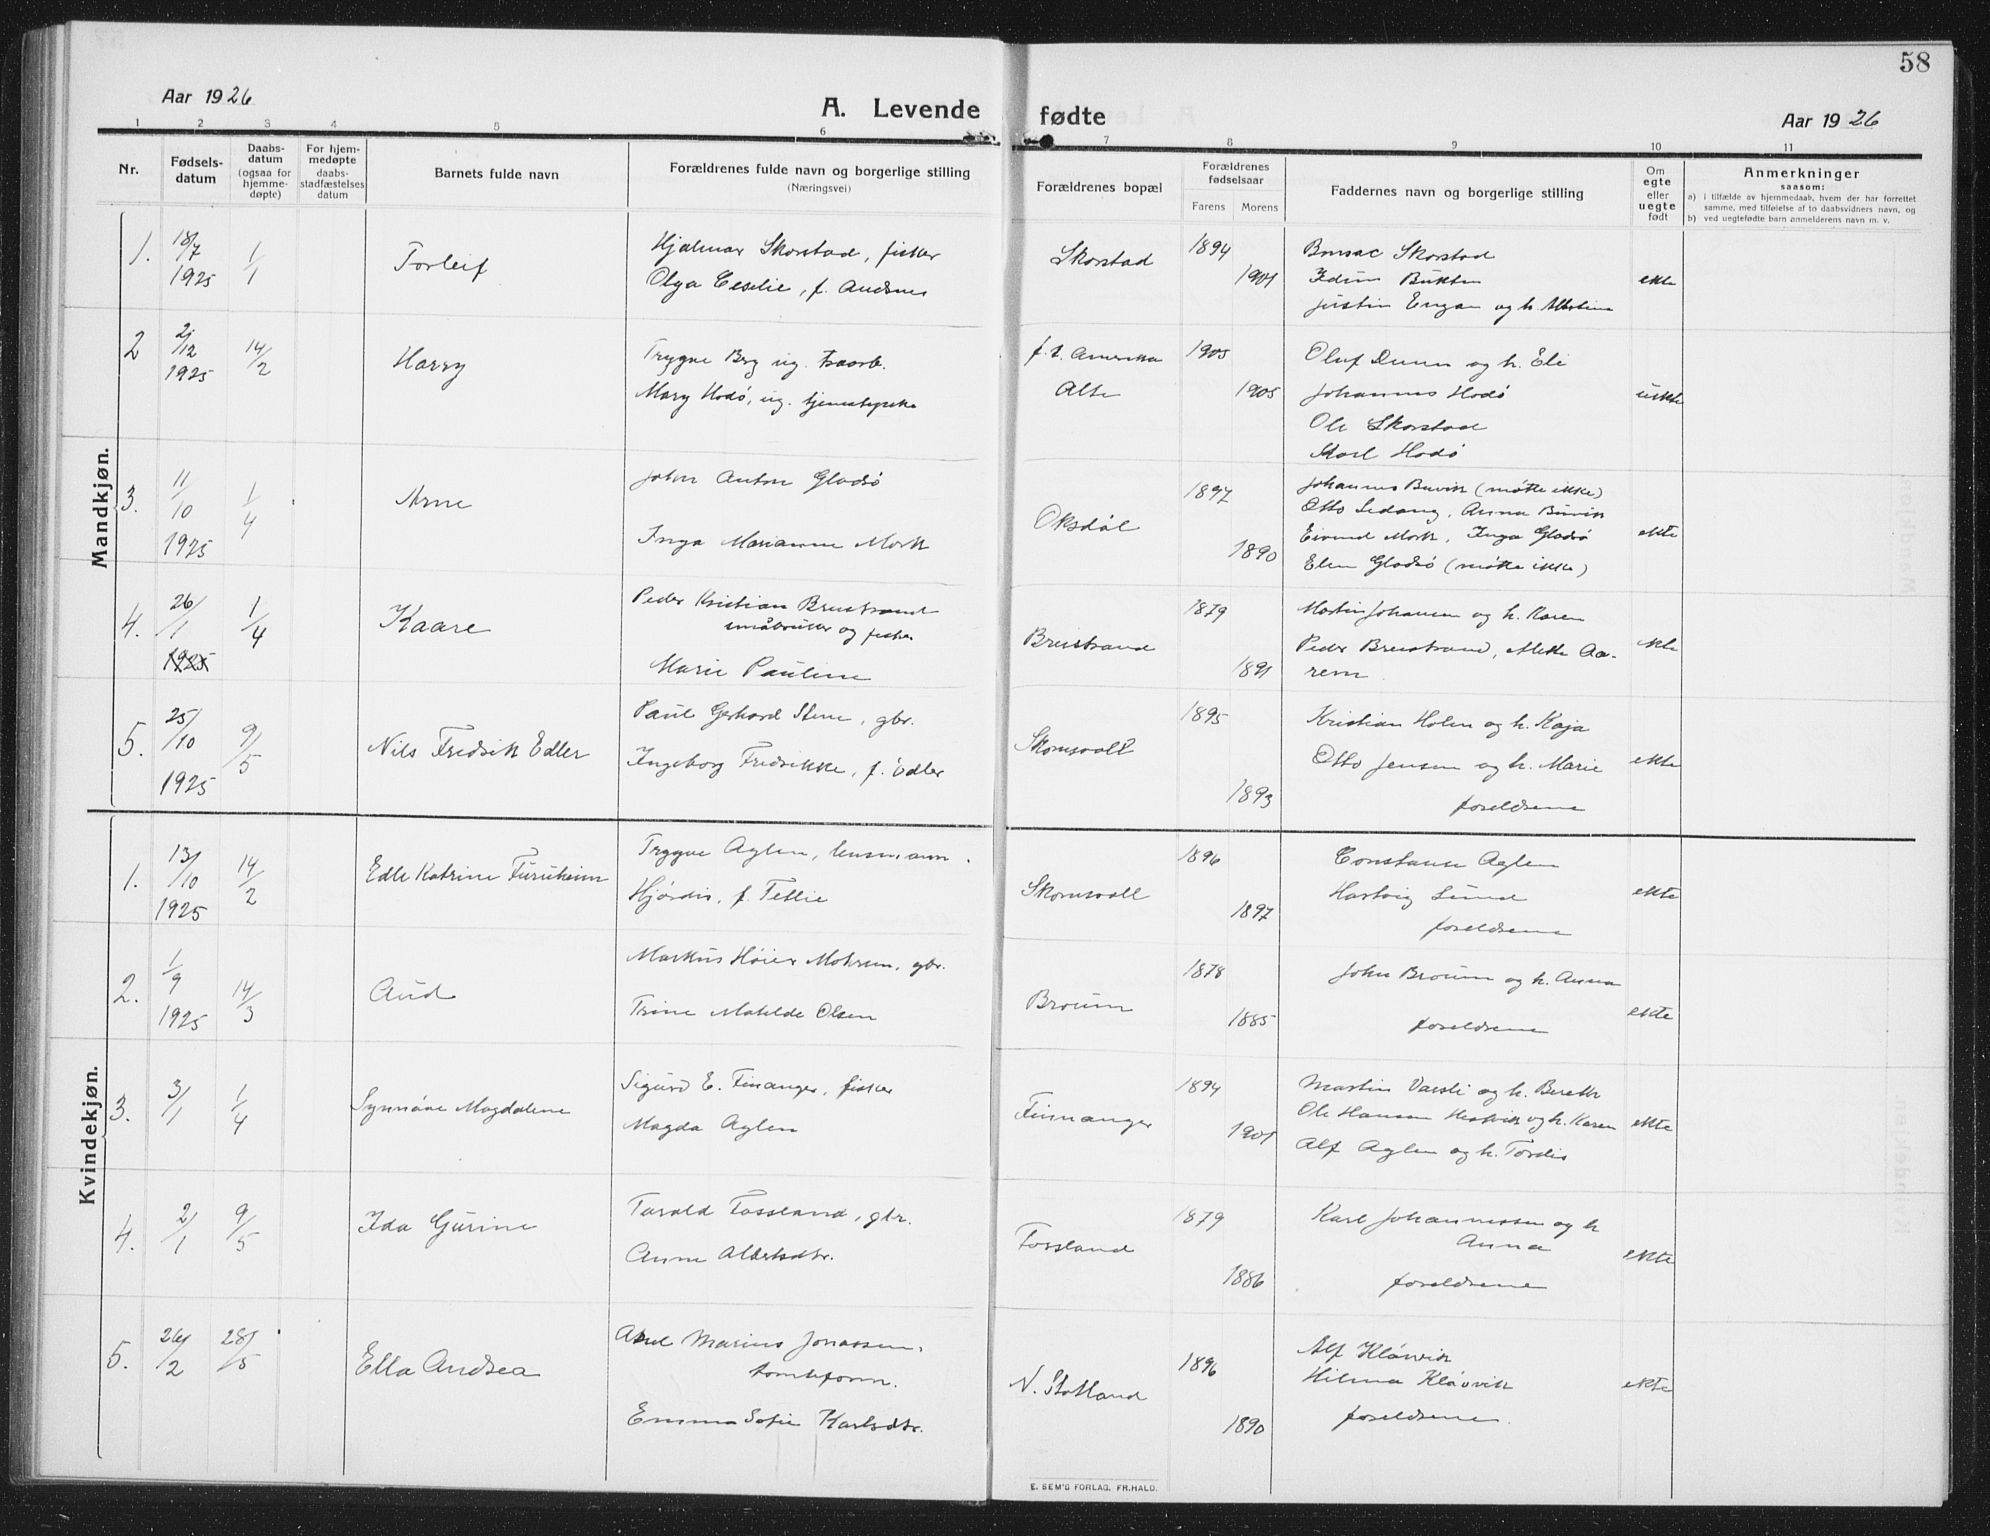 SAT, Ministerialprotokoller, klokkerbøker og fødselsregistre - Nord-Trøndelag, 774/L0630: Klokkerbok nr. 774C01, 1910-1934, s. 58